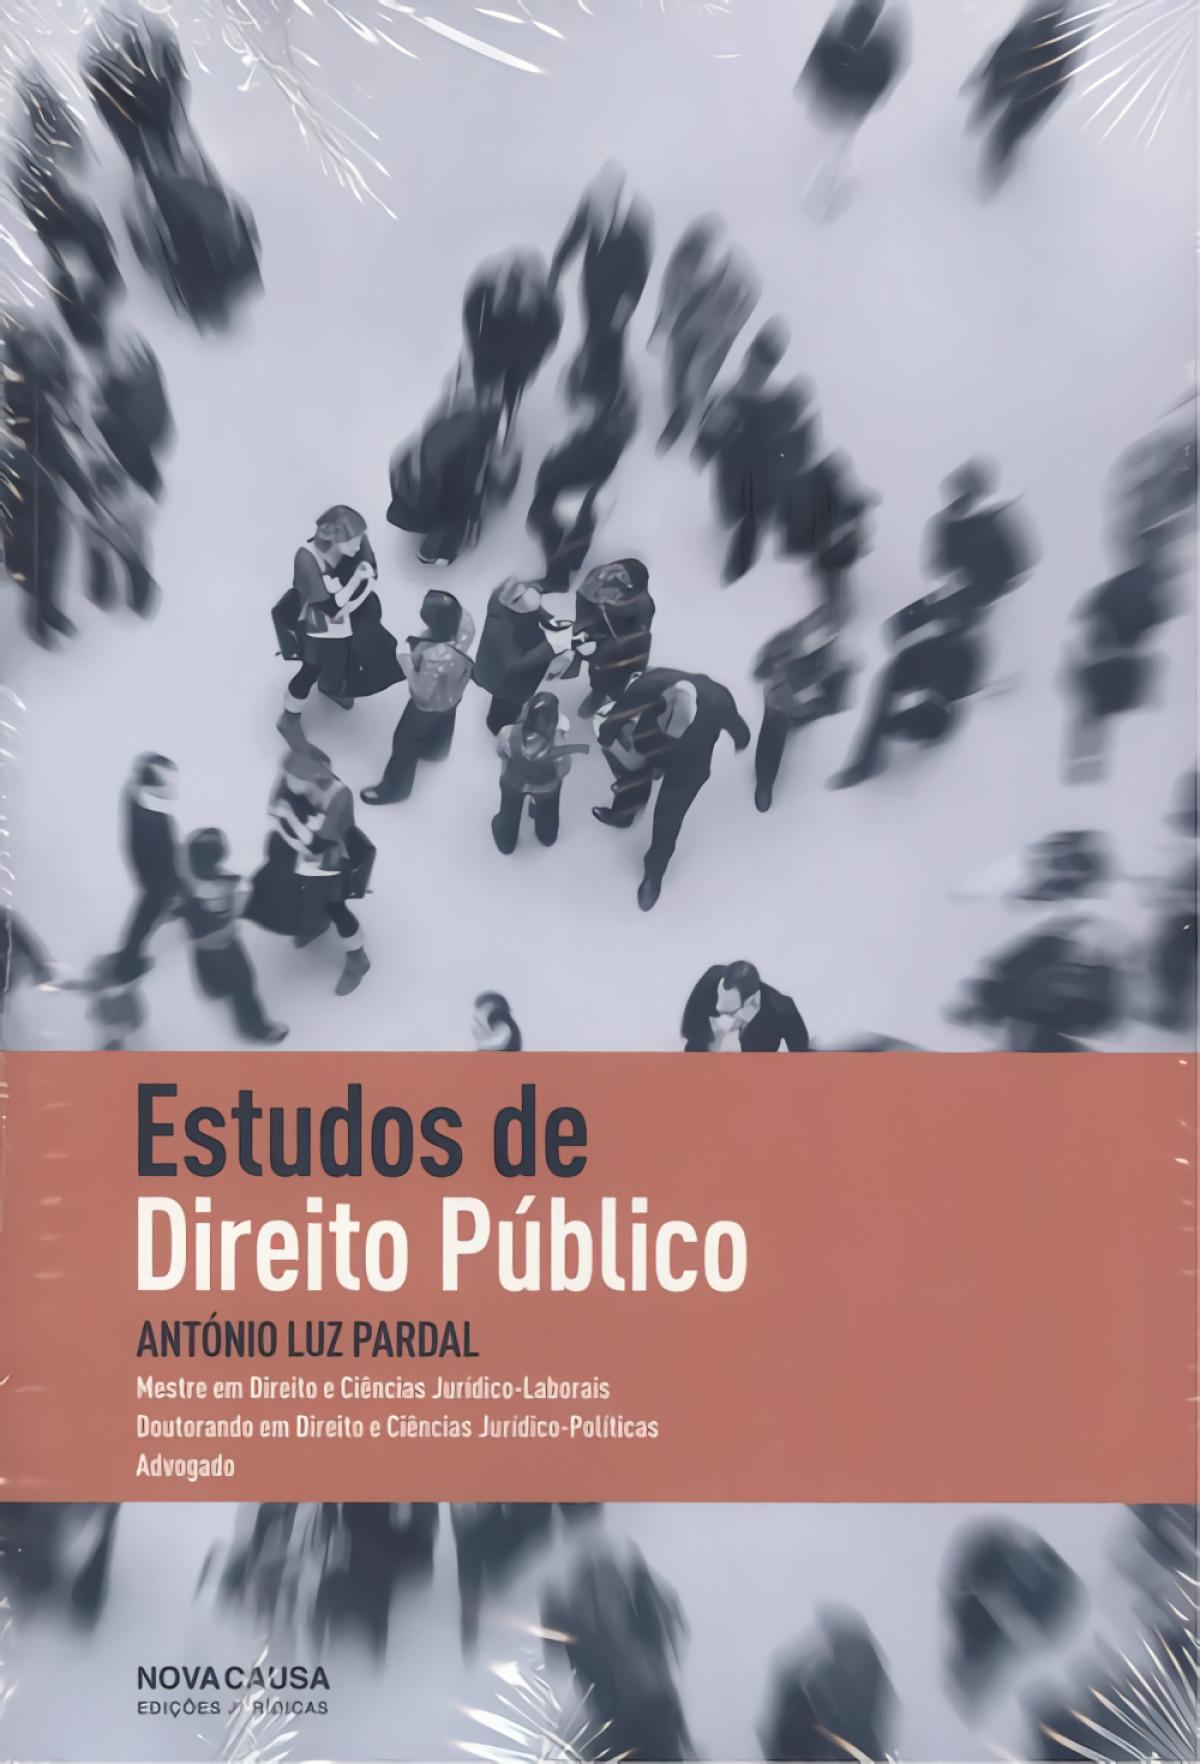 ESTUDOS DE DIREITO PÚBLICO 9789898515933